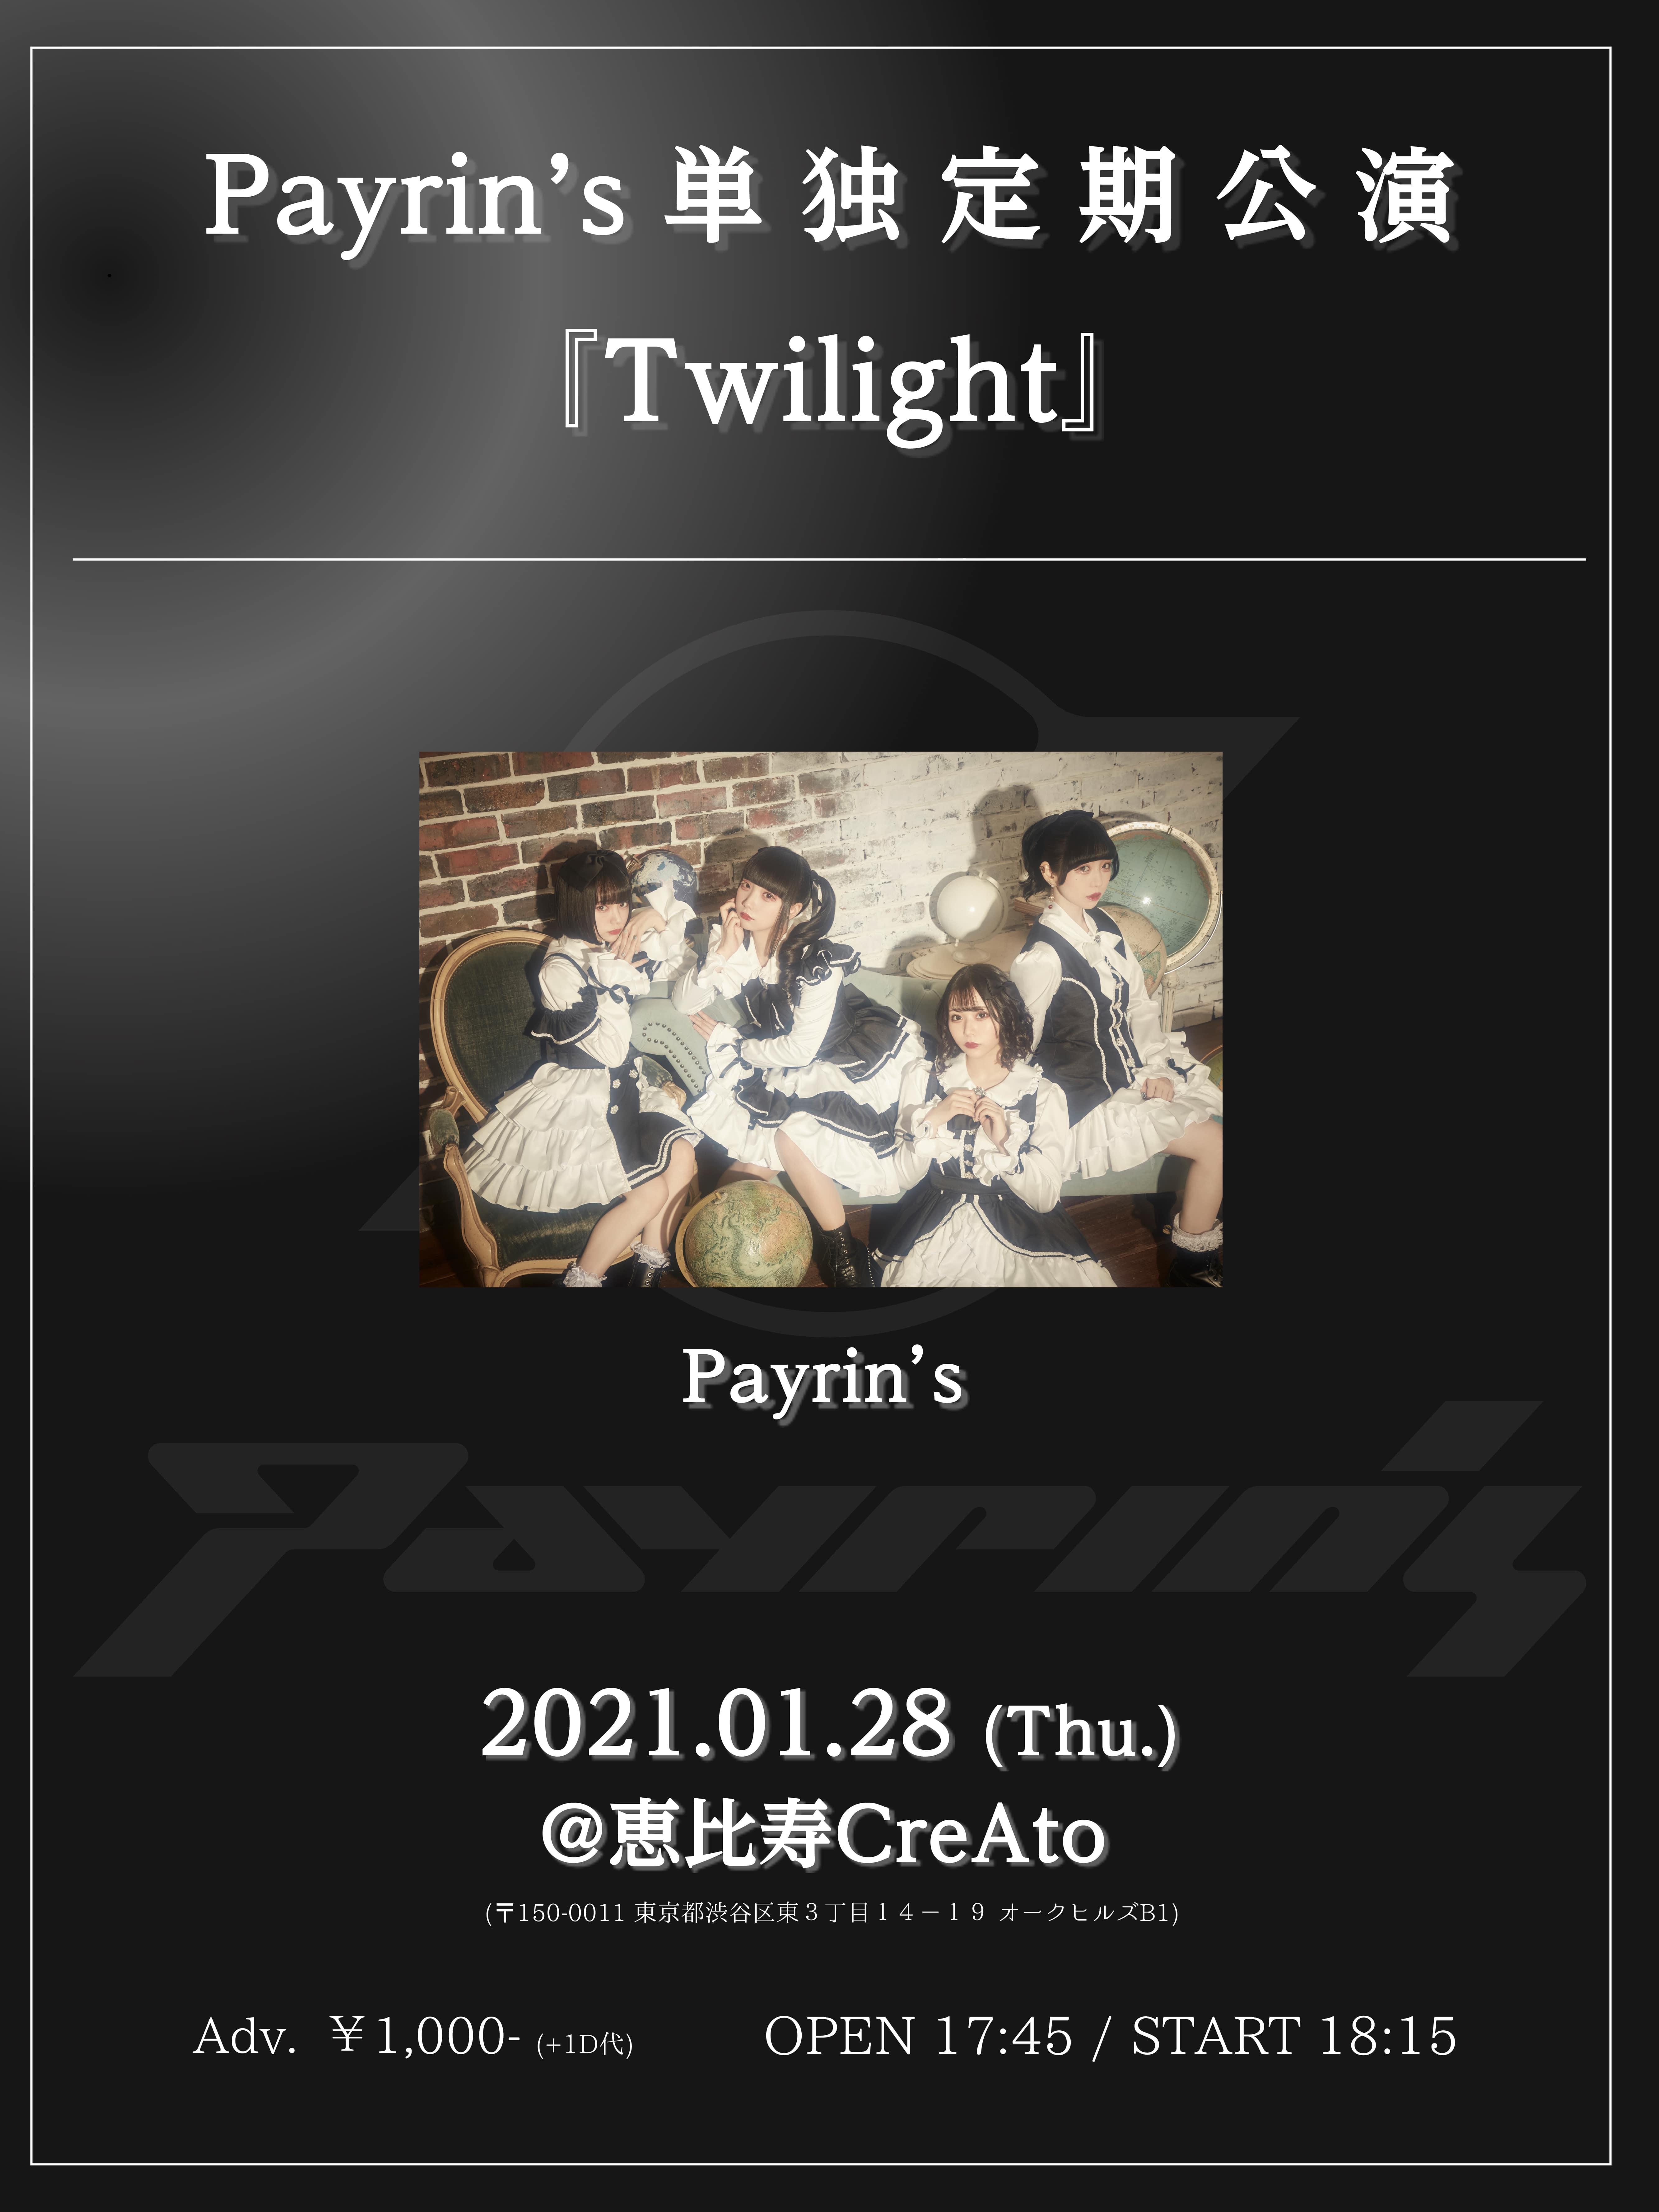 Payrin's 単独定期公演 『Twilight』